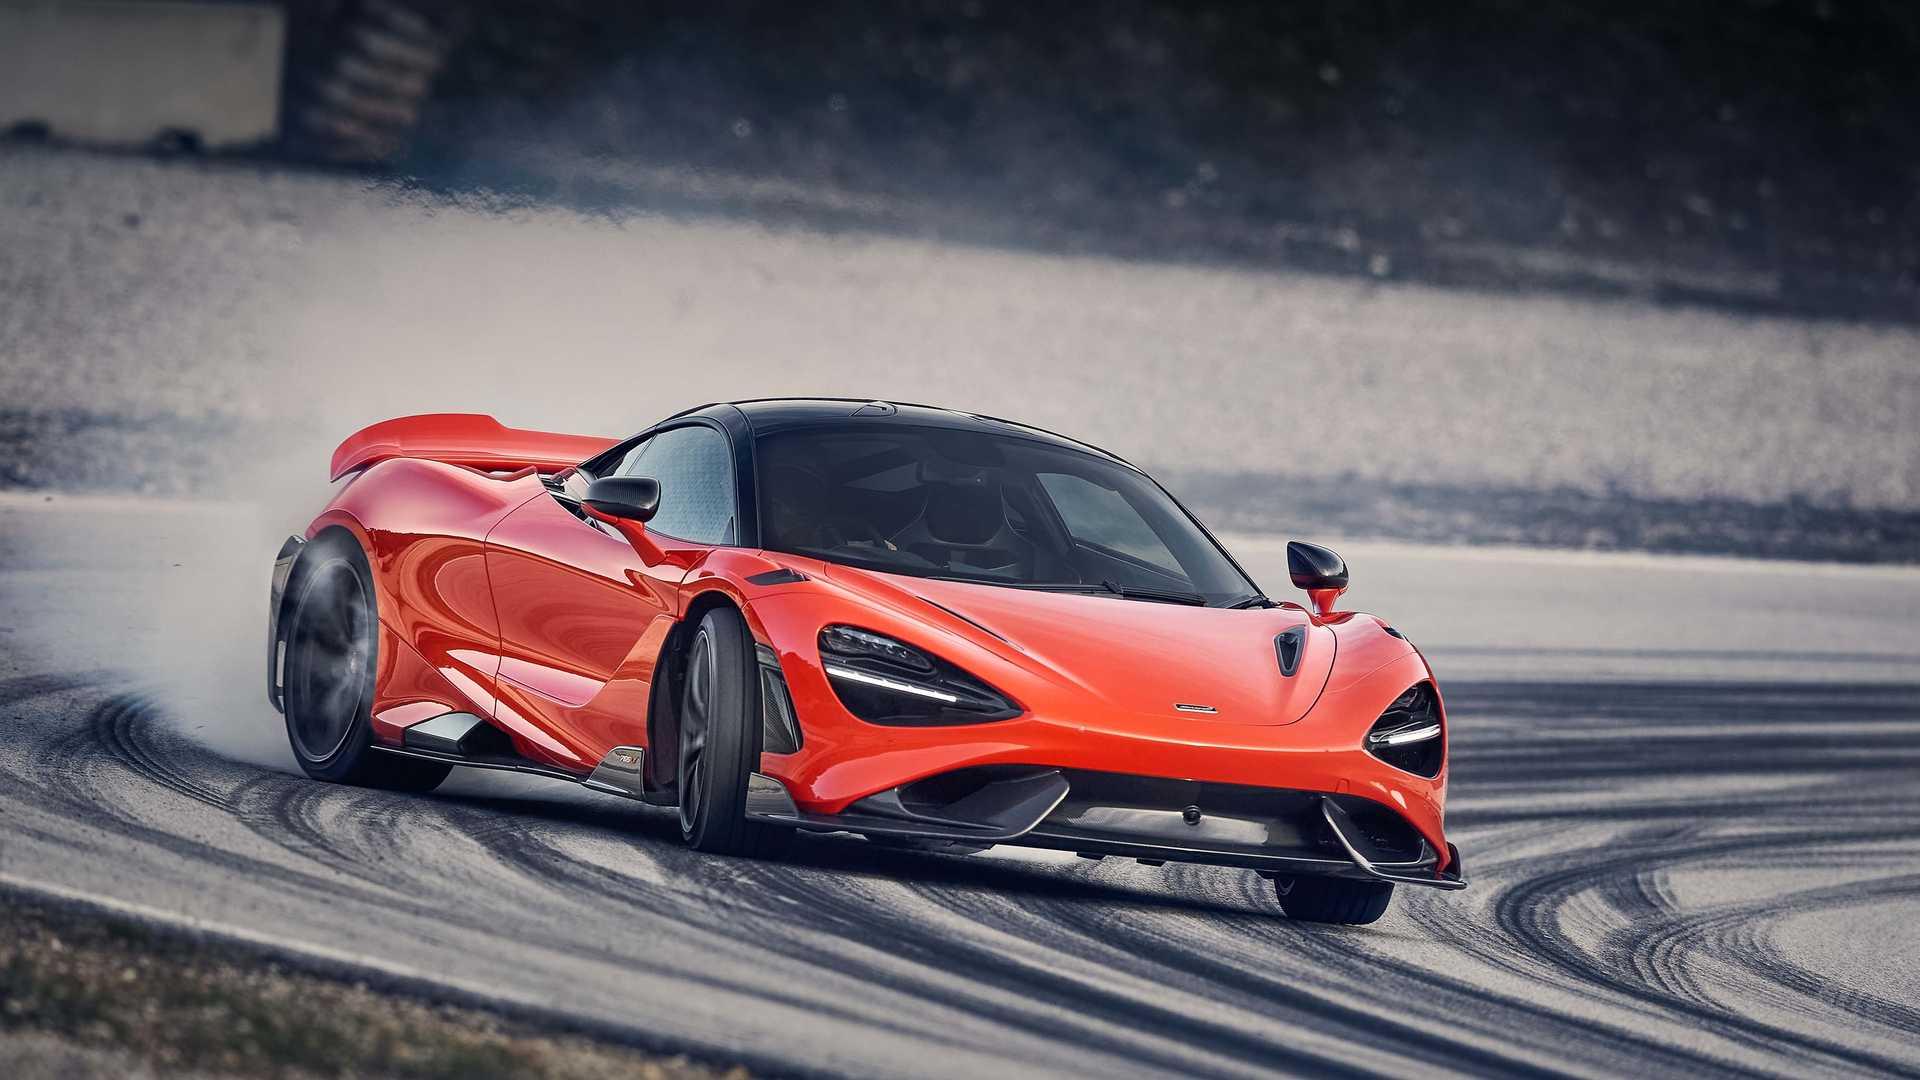 El McLaren 765 LT es ya un hito: cifras para no dormir